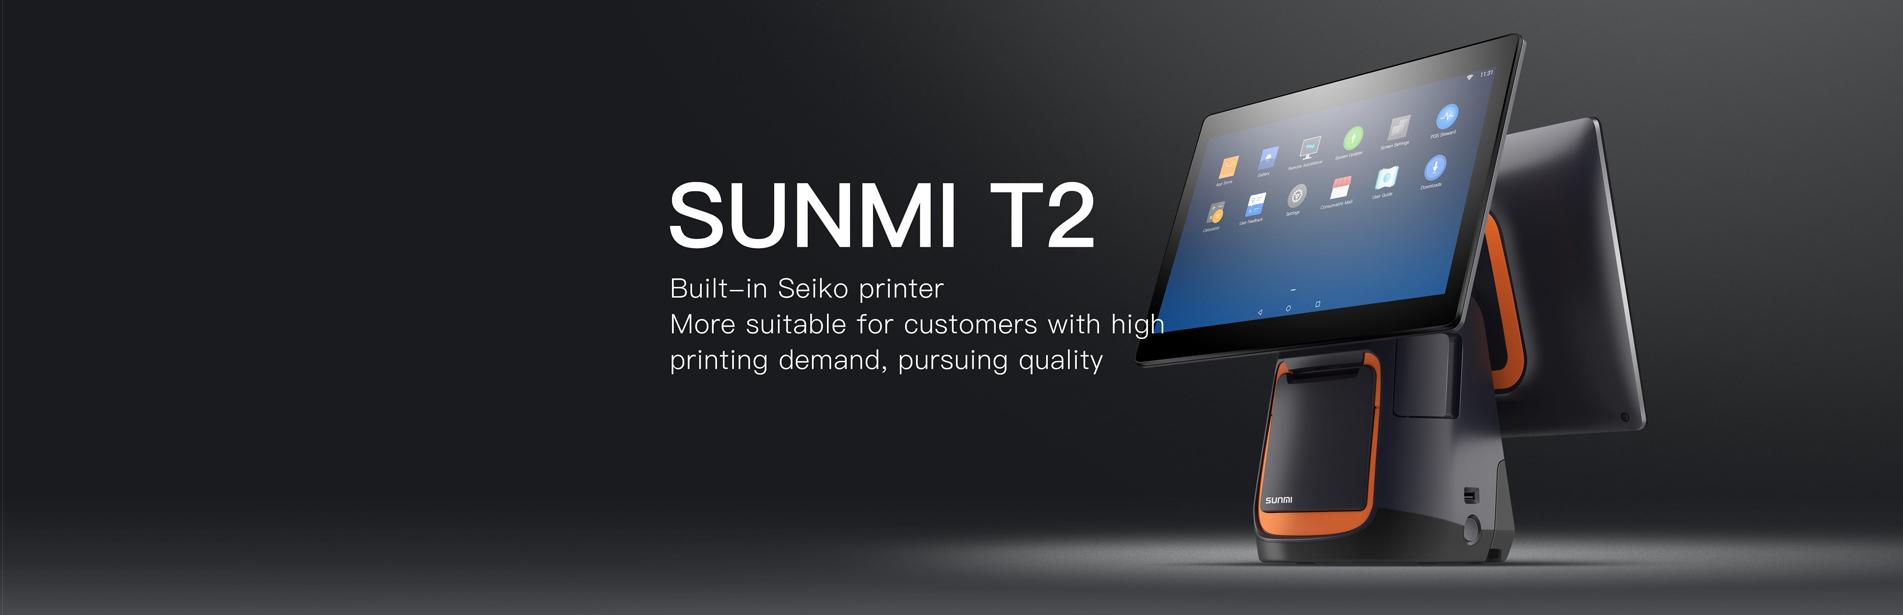 SUNMI T2